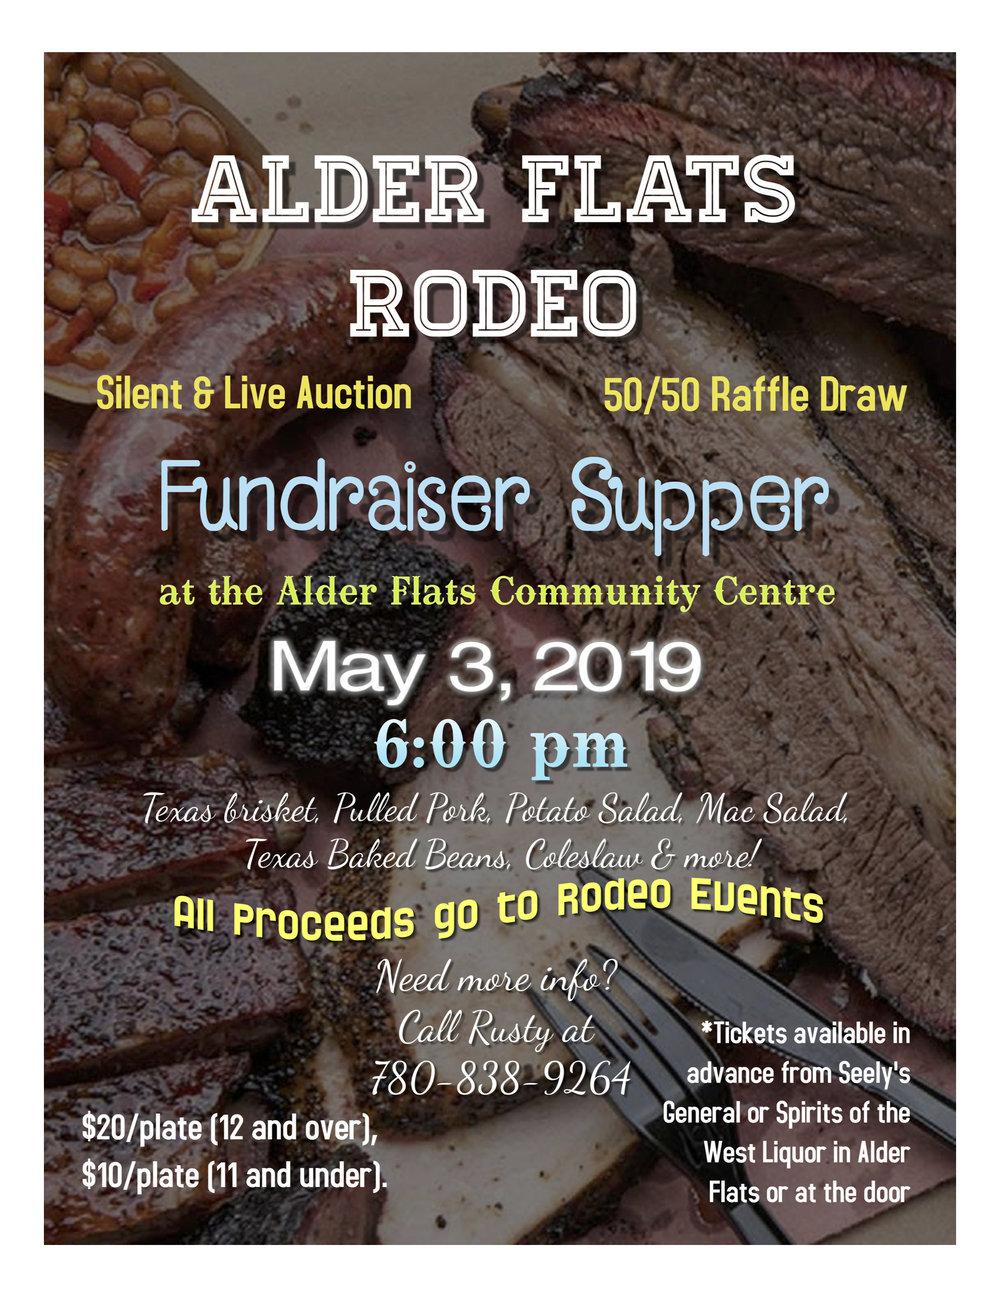 Rodeo Fundraiser Supper.jpg